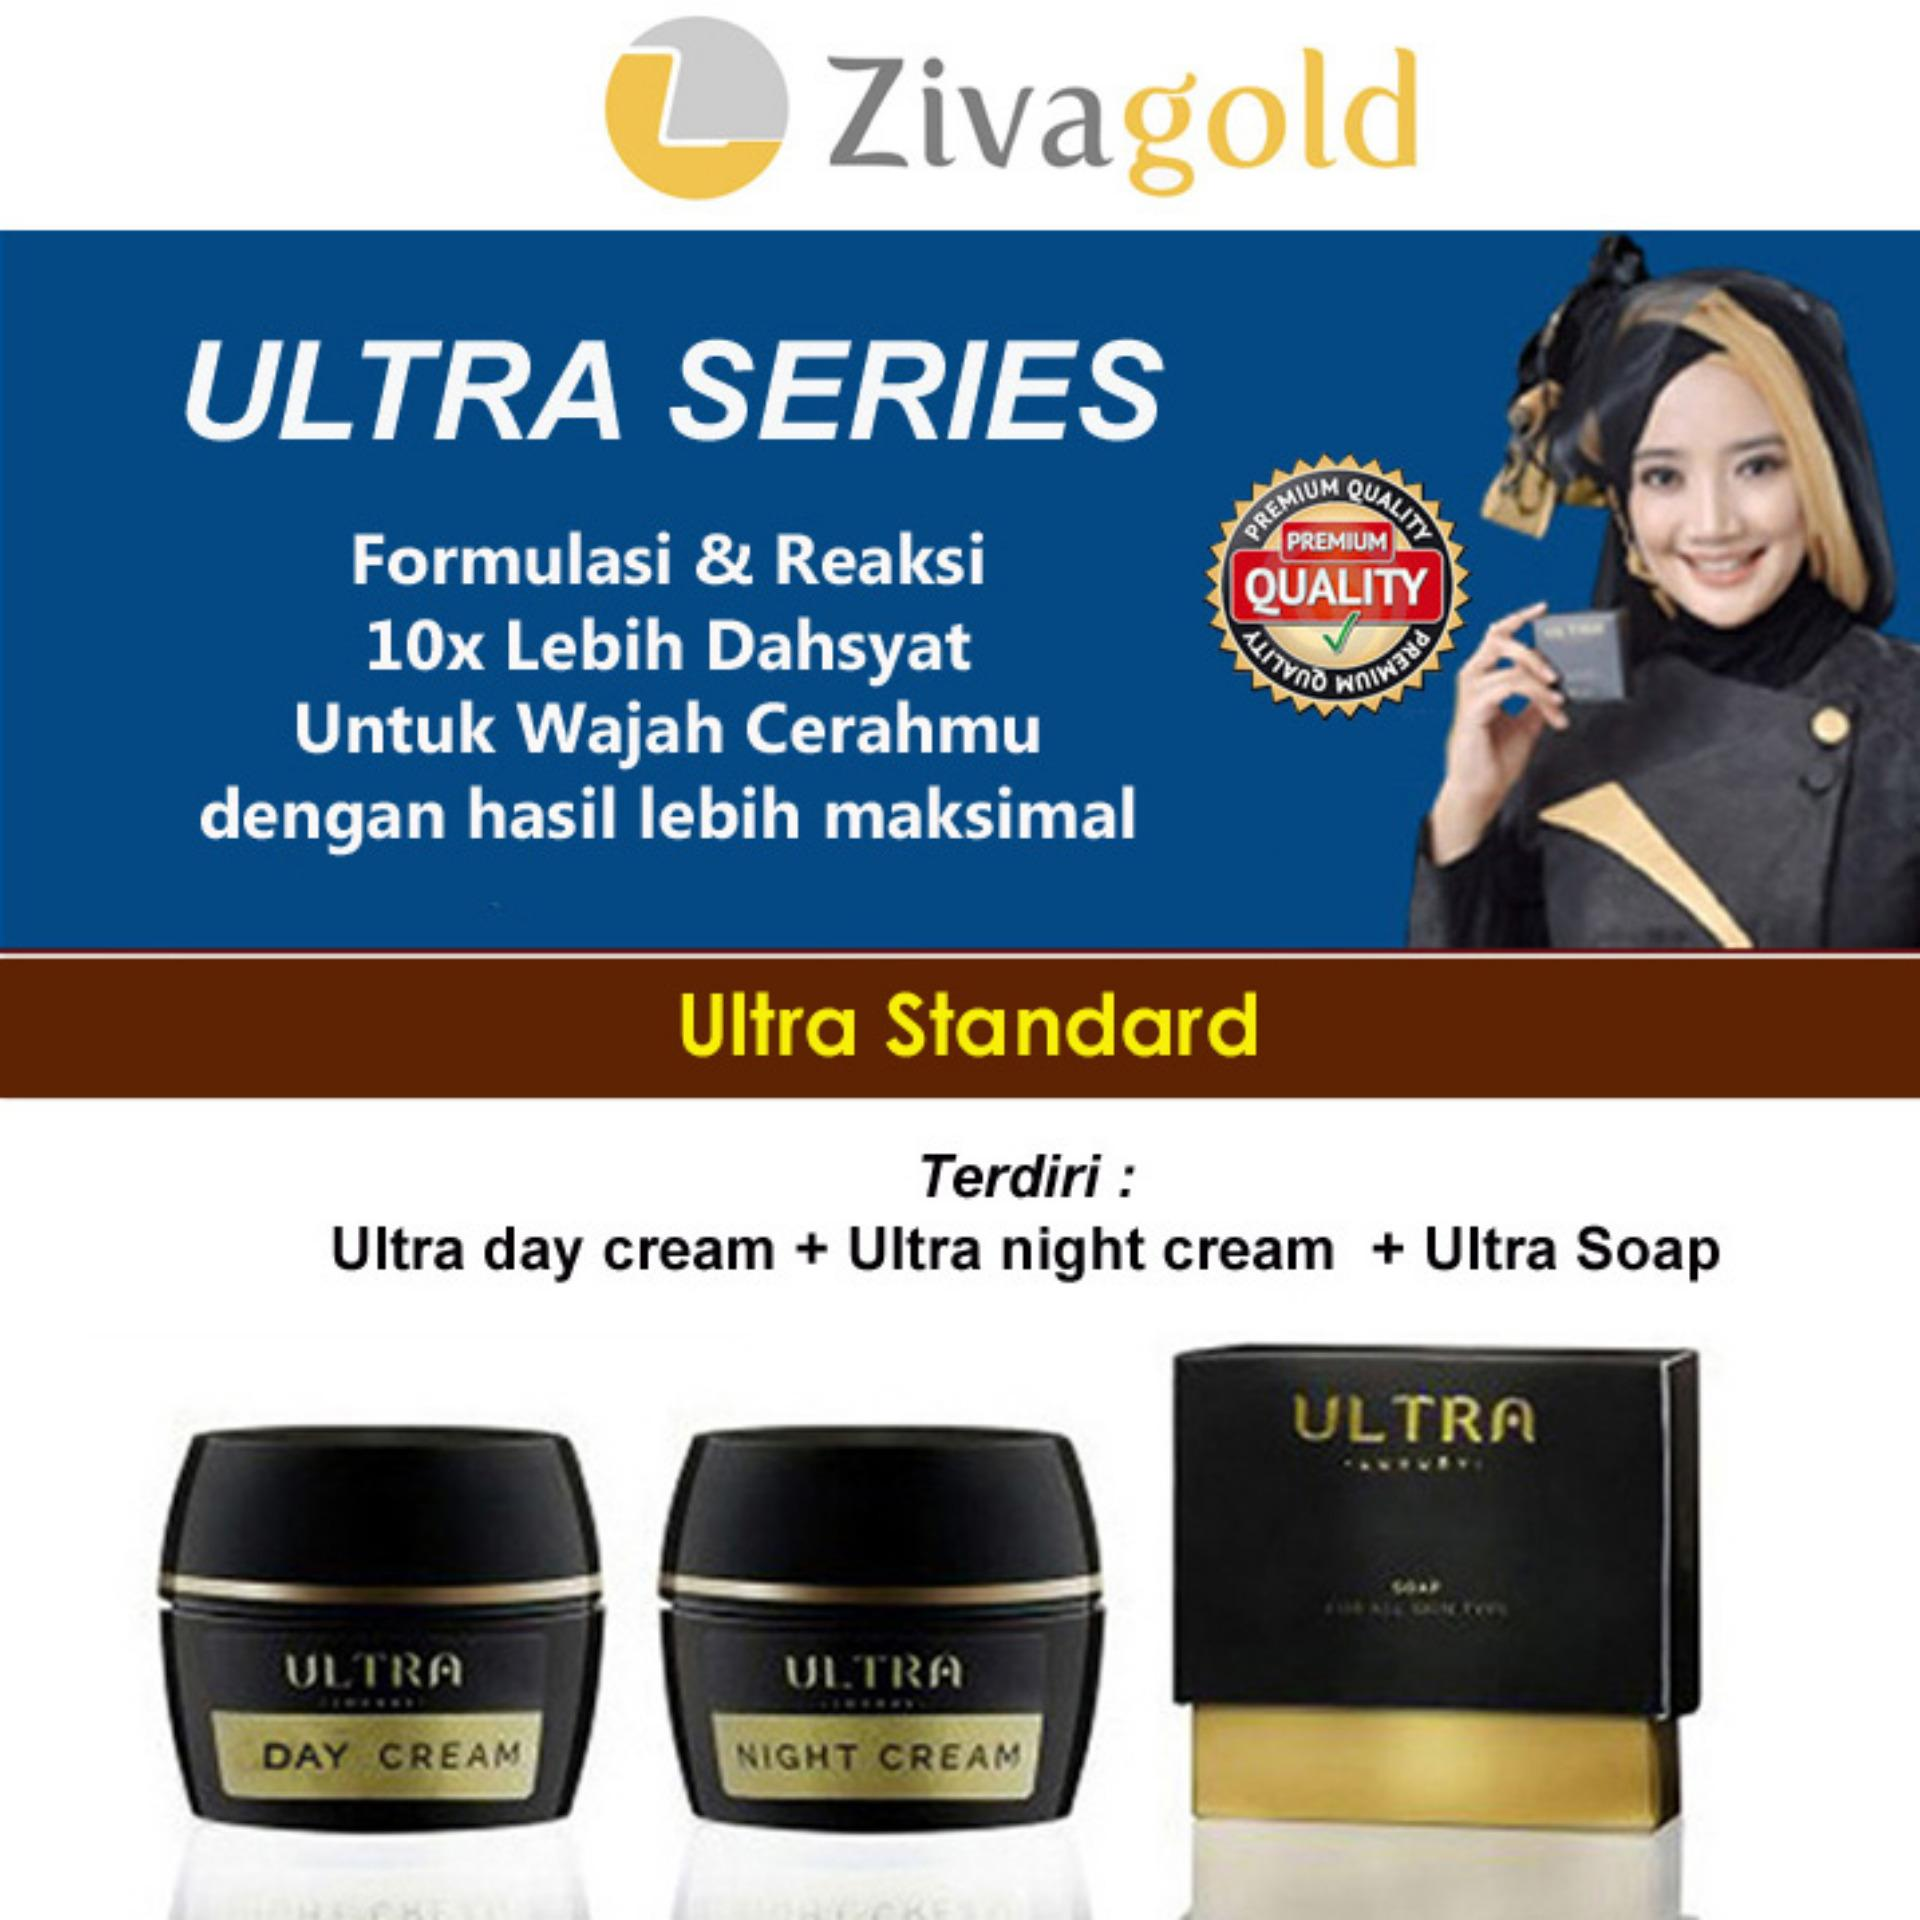 Jual Beli Zivagold Ultra Standard Formulasi Reaksi 10X Lebih Cepat Bpom Resmi Baru Jawa Timur